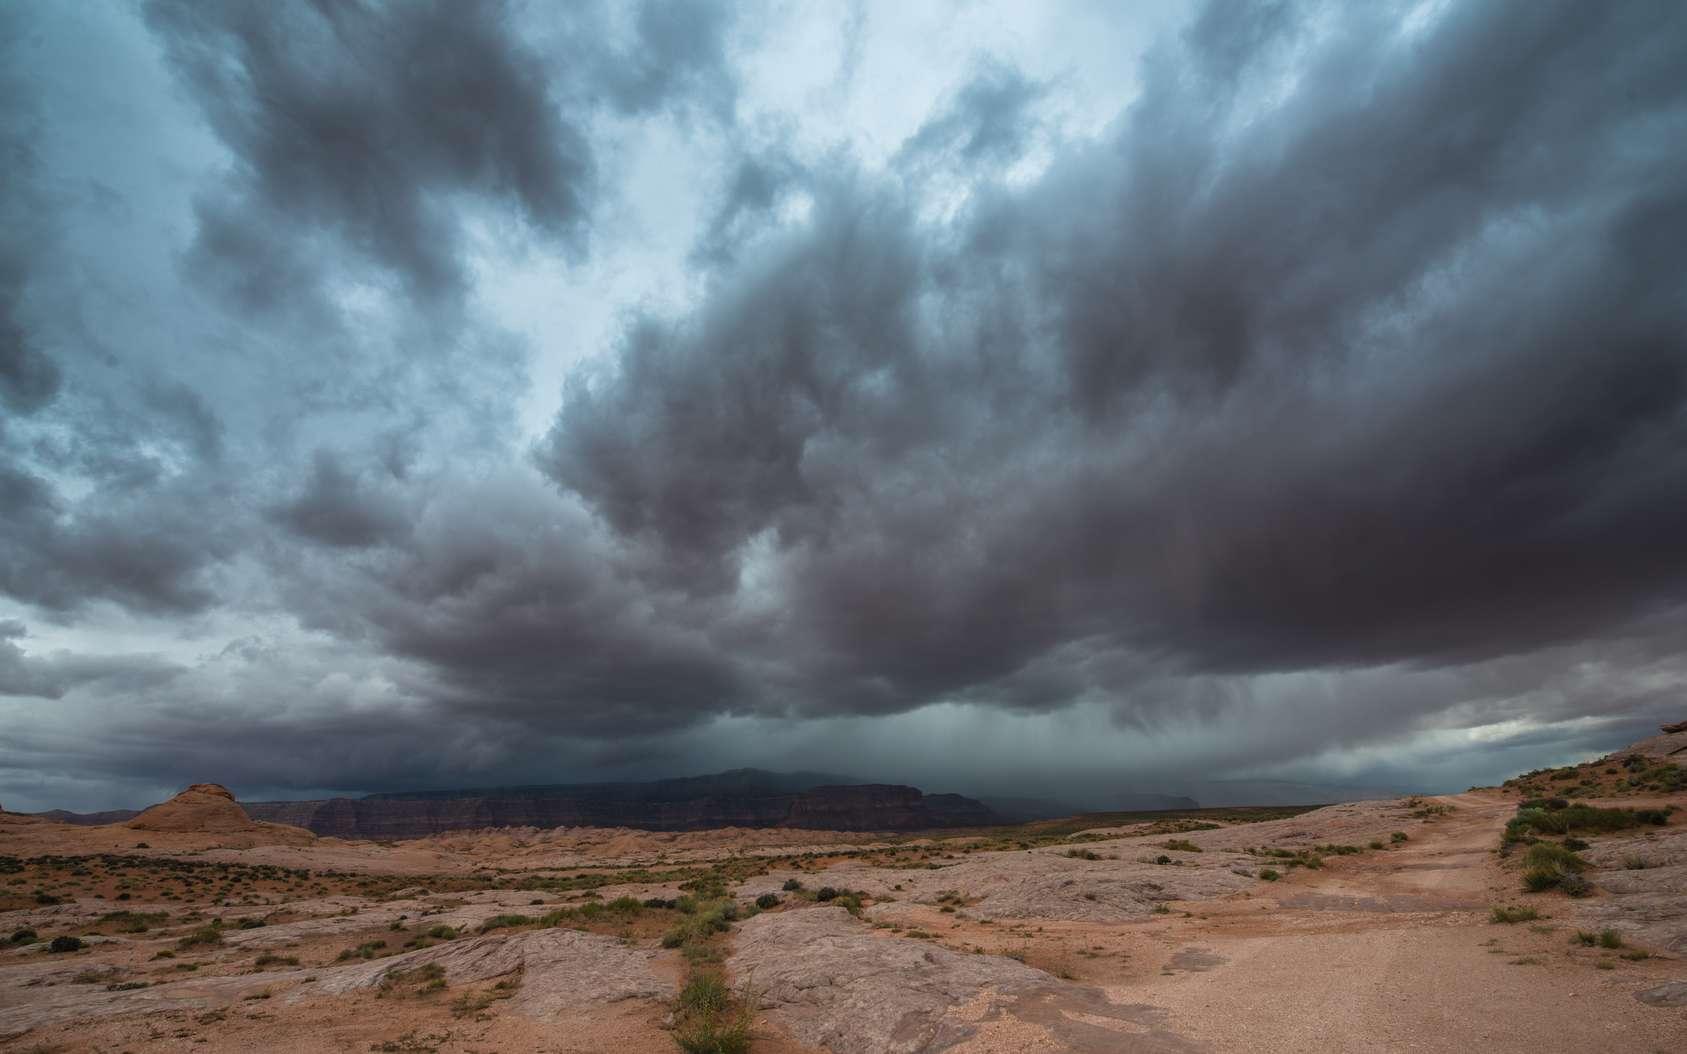 Le changement de régime des moussons africaines pourrait amener des pluies diluviennes au Sahel, victime de fréquentes sécheresses. © Krzysztof Wiktor, Fotolia